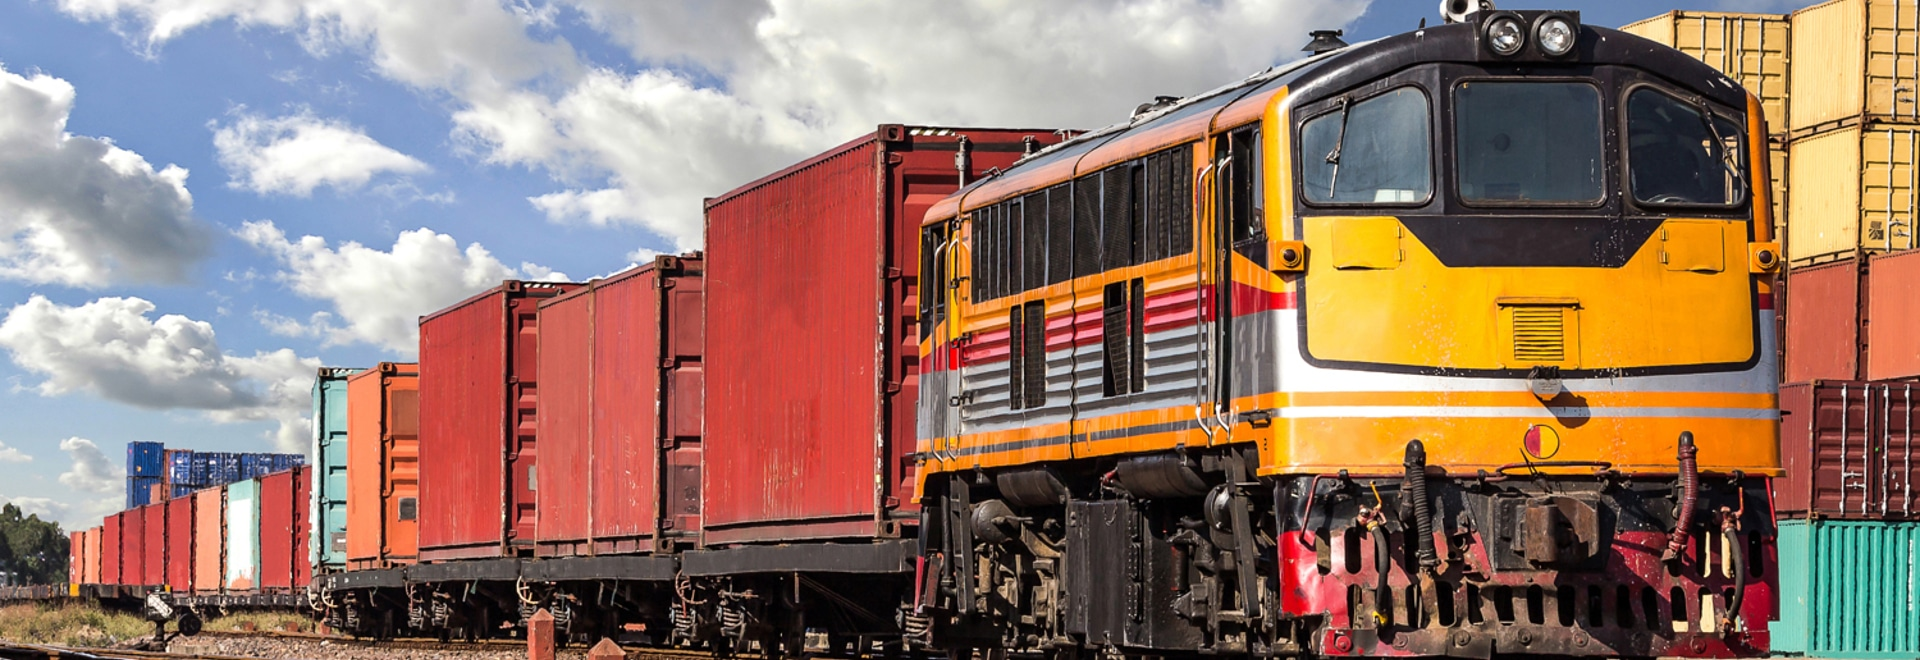 CSX e CN si appresta a lanciare un nuovo servizio di trasporto merci intermodale in joint venture